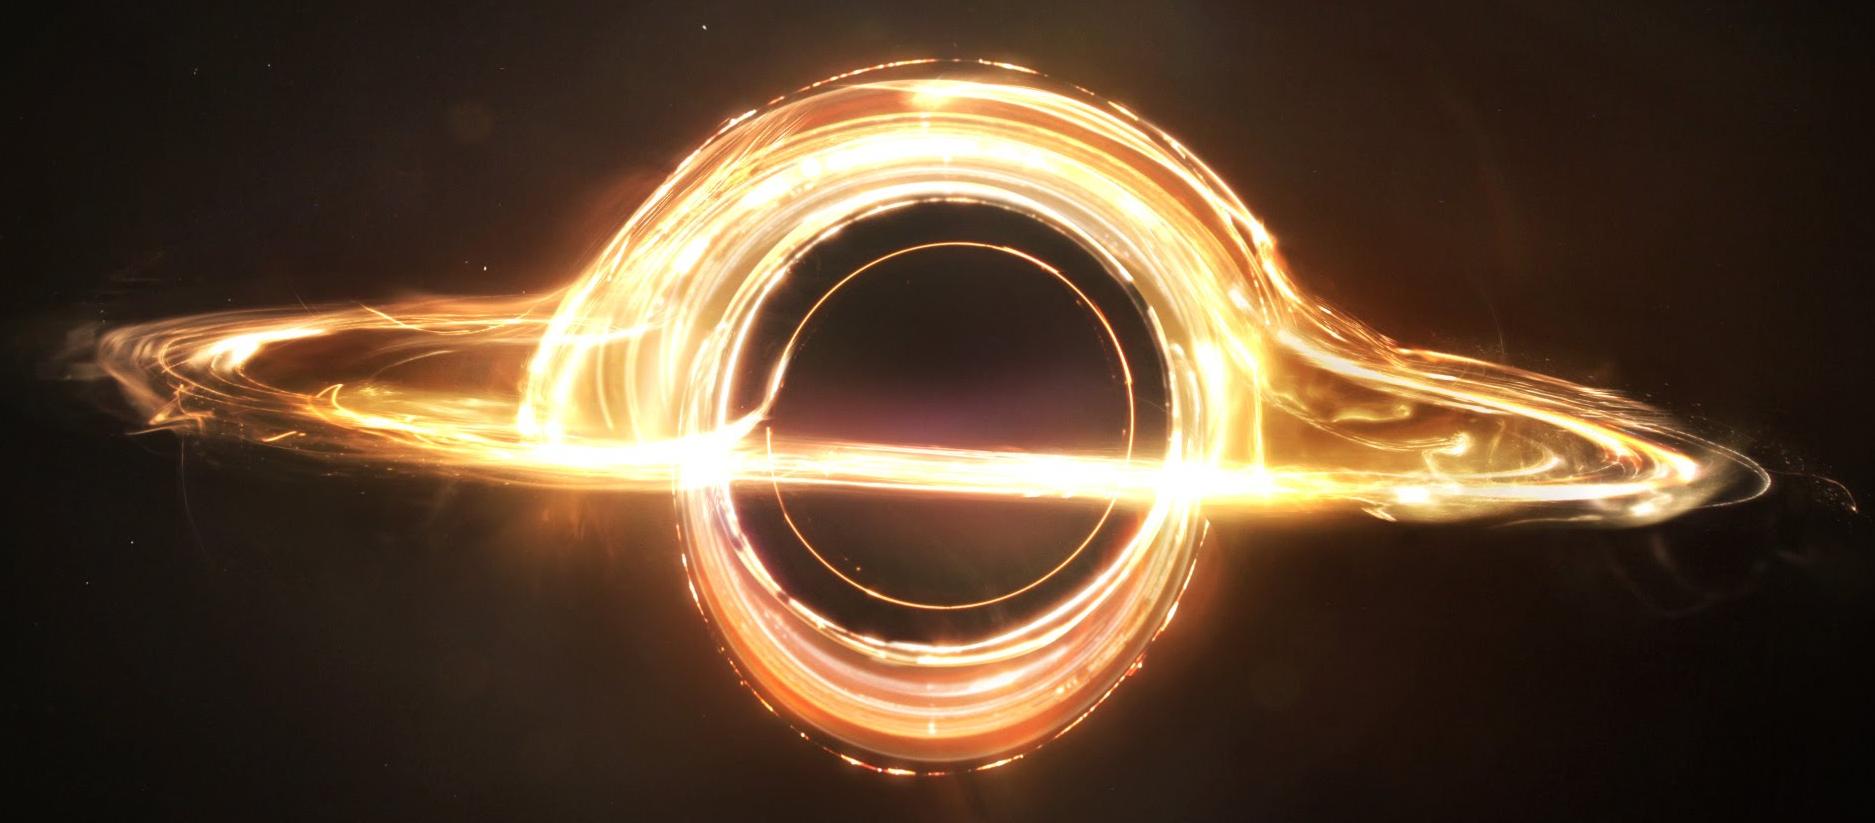 blackhole-simulation